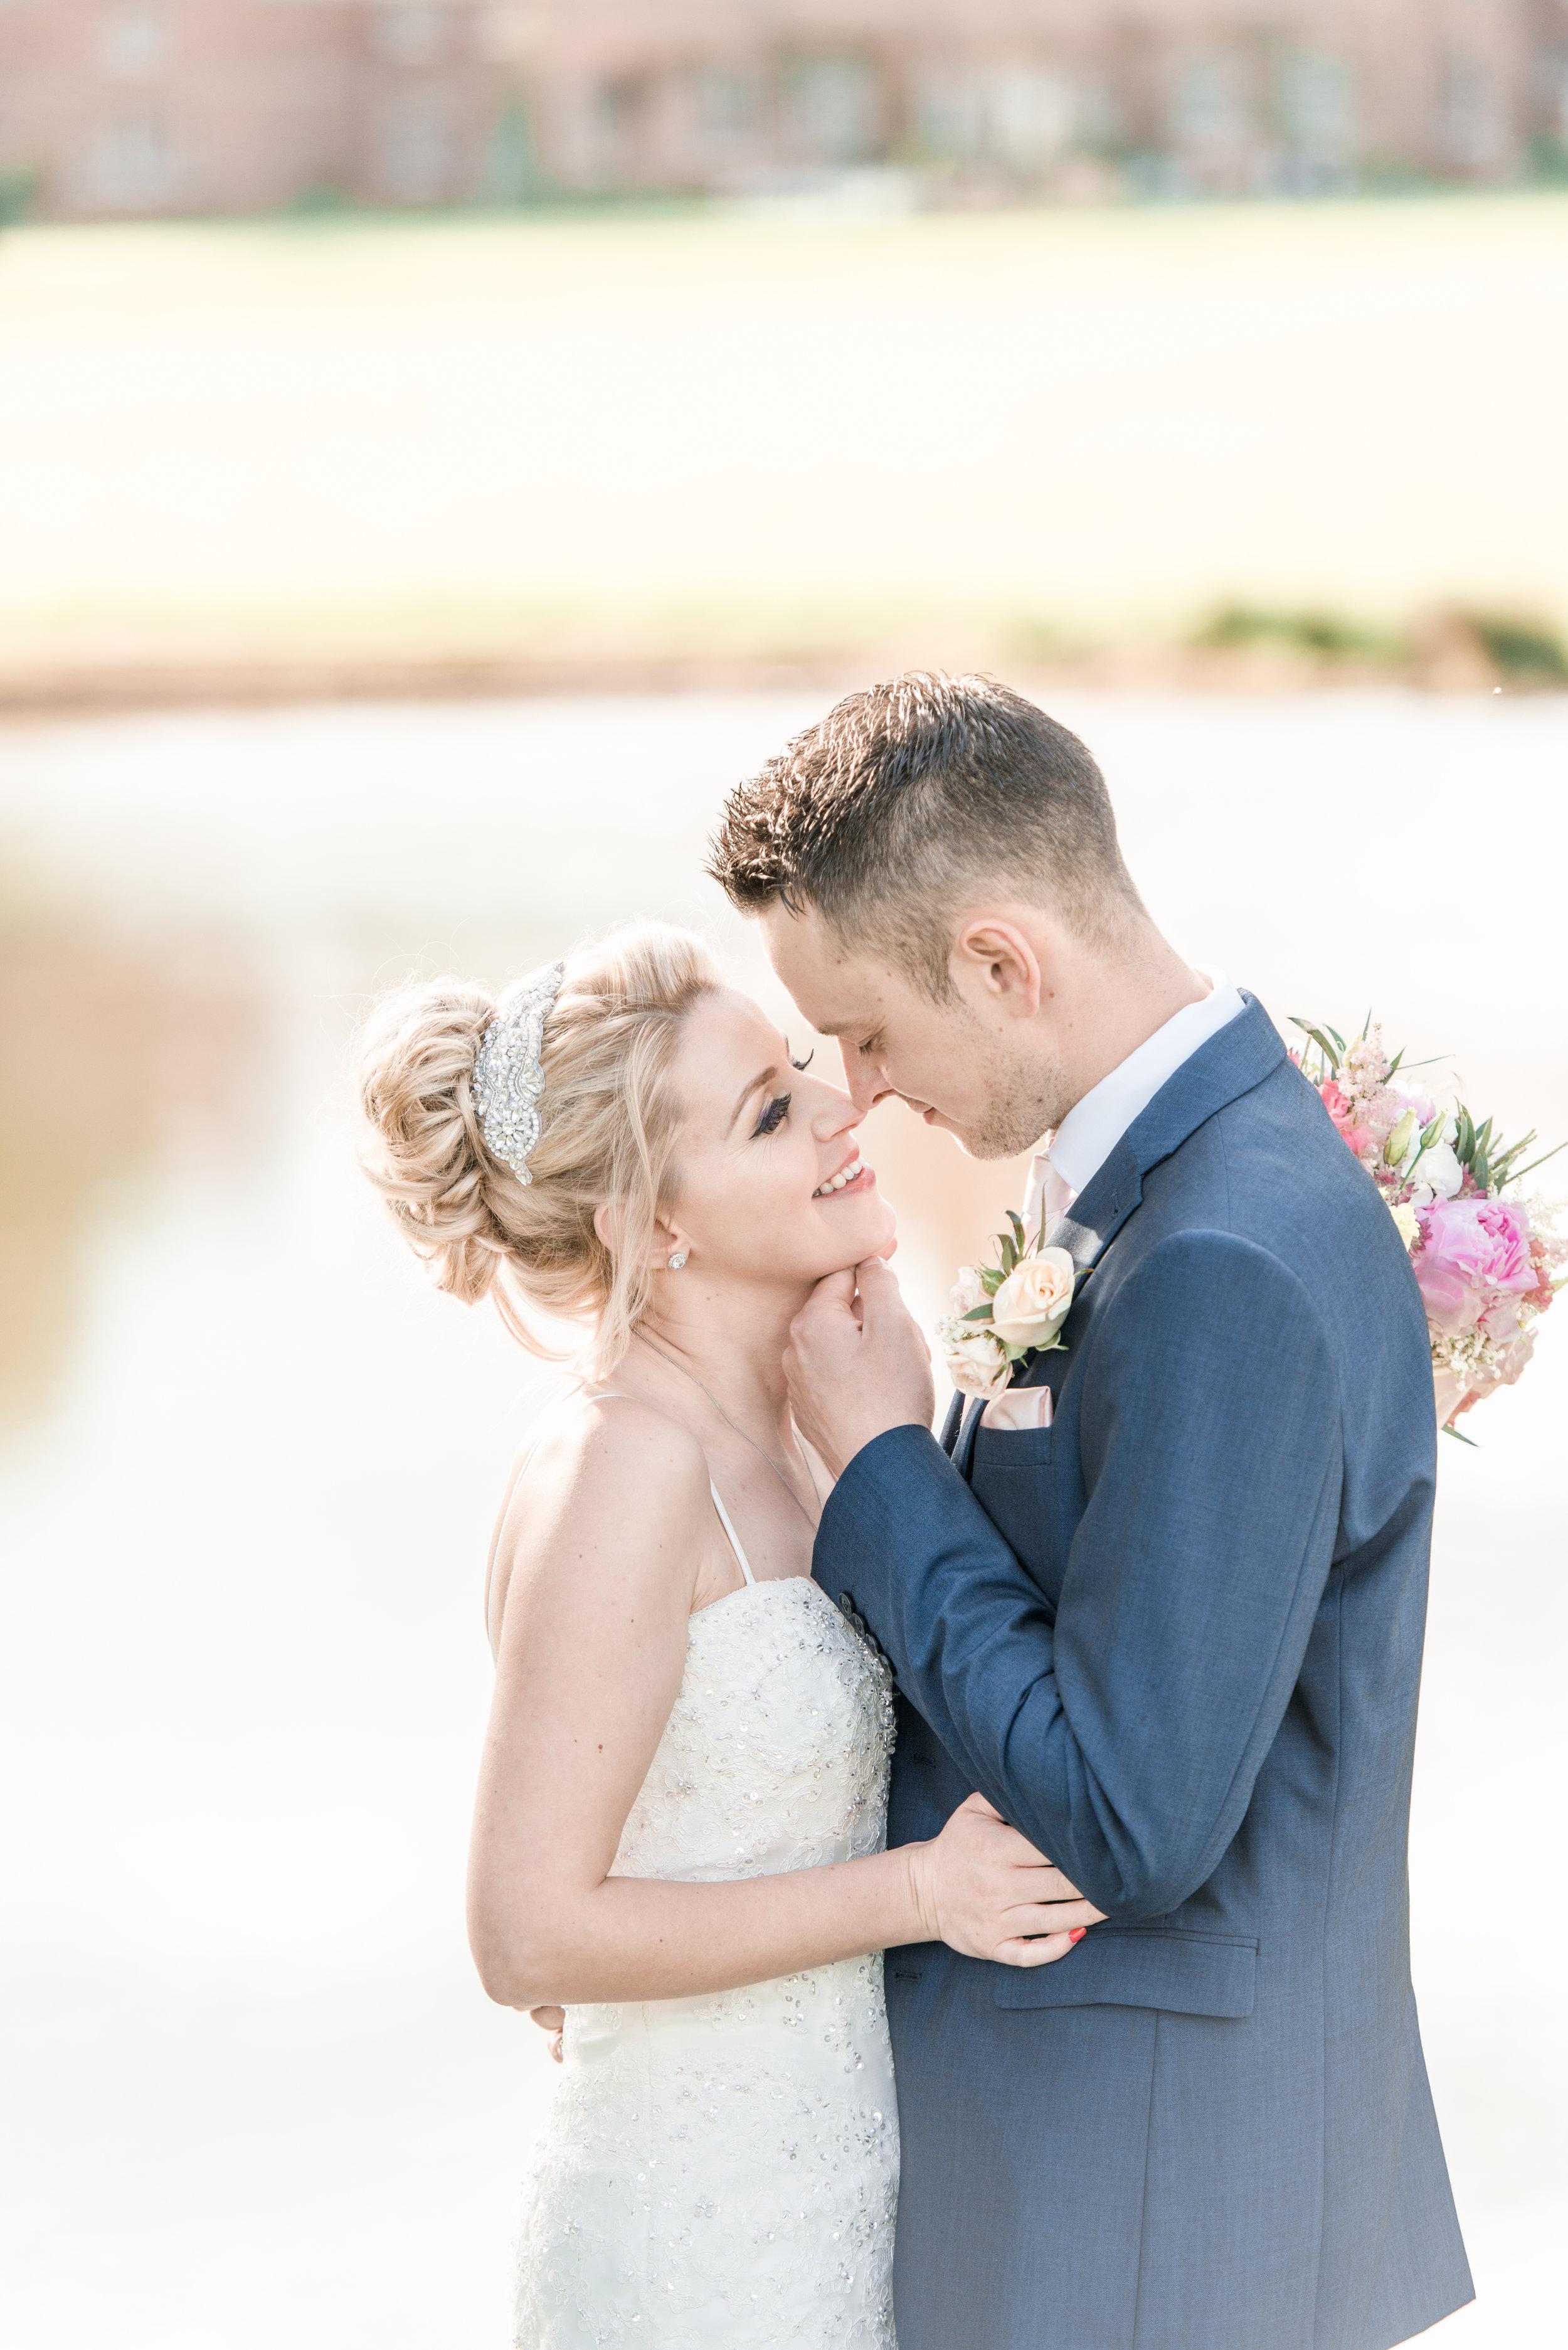 Kimberly & Adam Pawson, married at Norwood Park - Norwood Park Nottingham